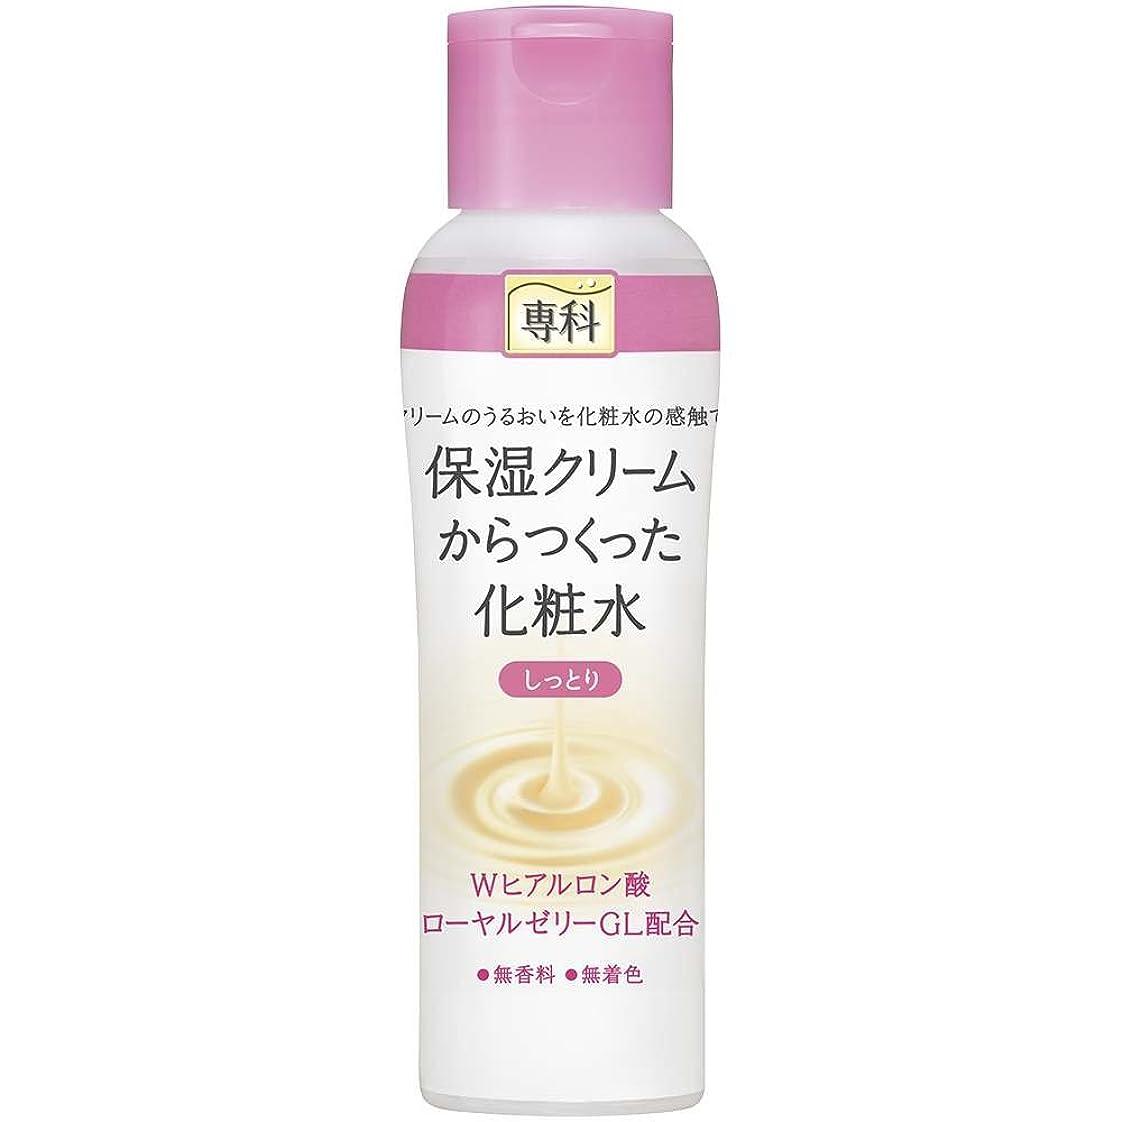 一晩慰め低い専科 保湿クリームからつくった化粧水(しっとり) 200ml